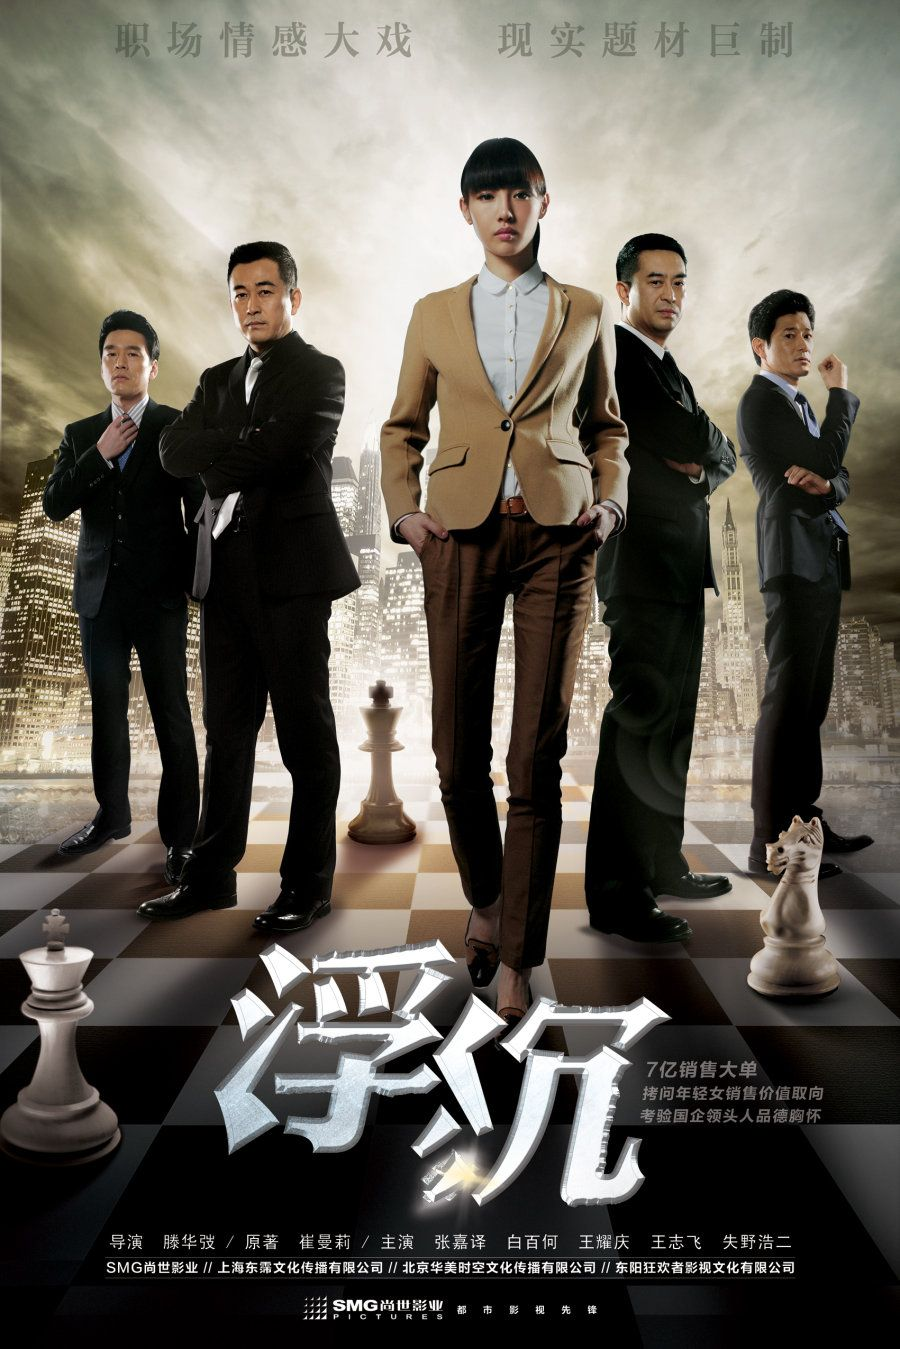 浮沉全集30集在线观看 2012夏季热播剧